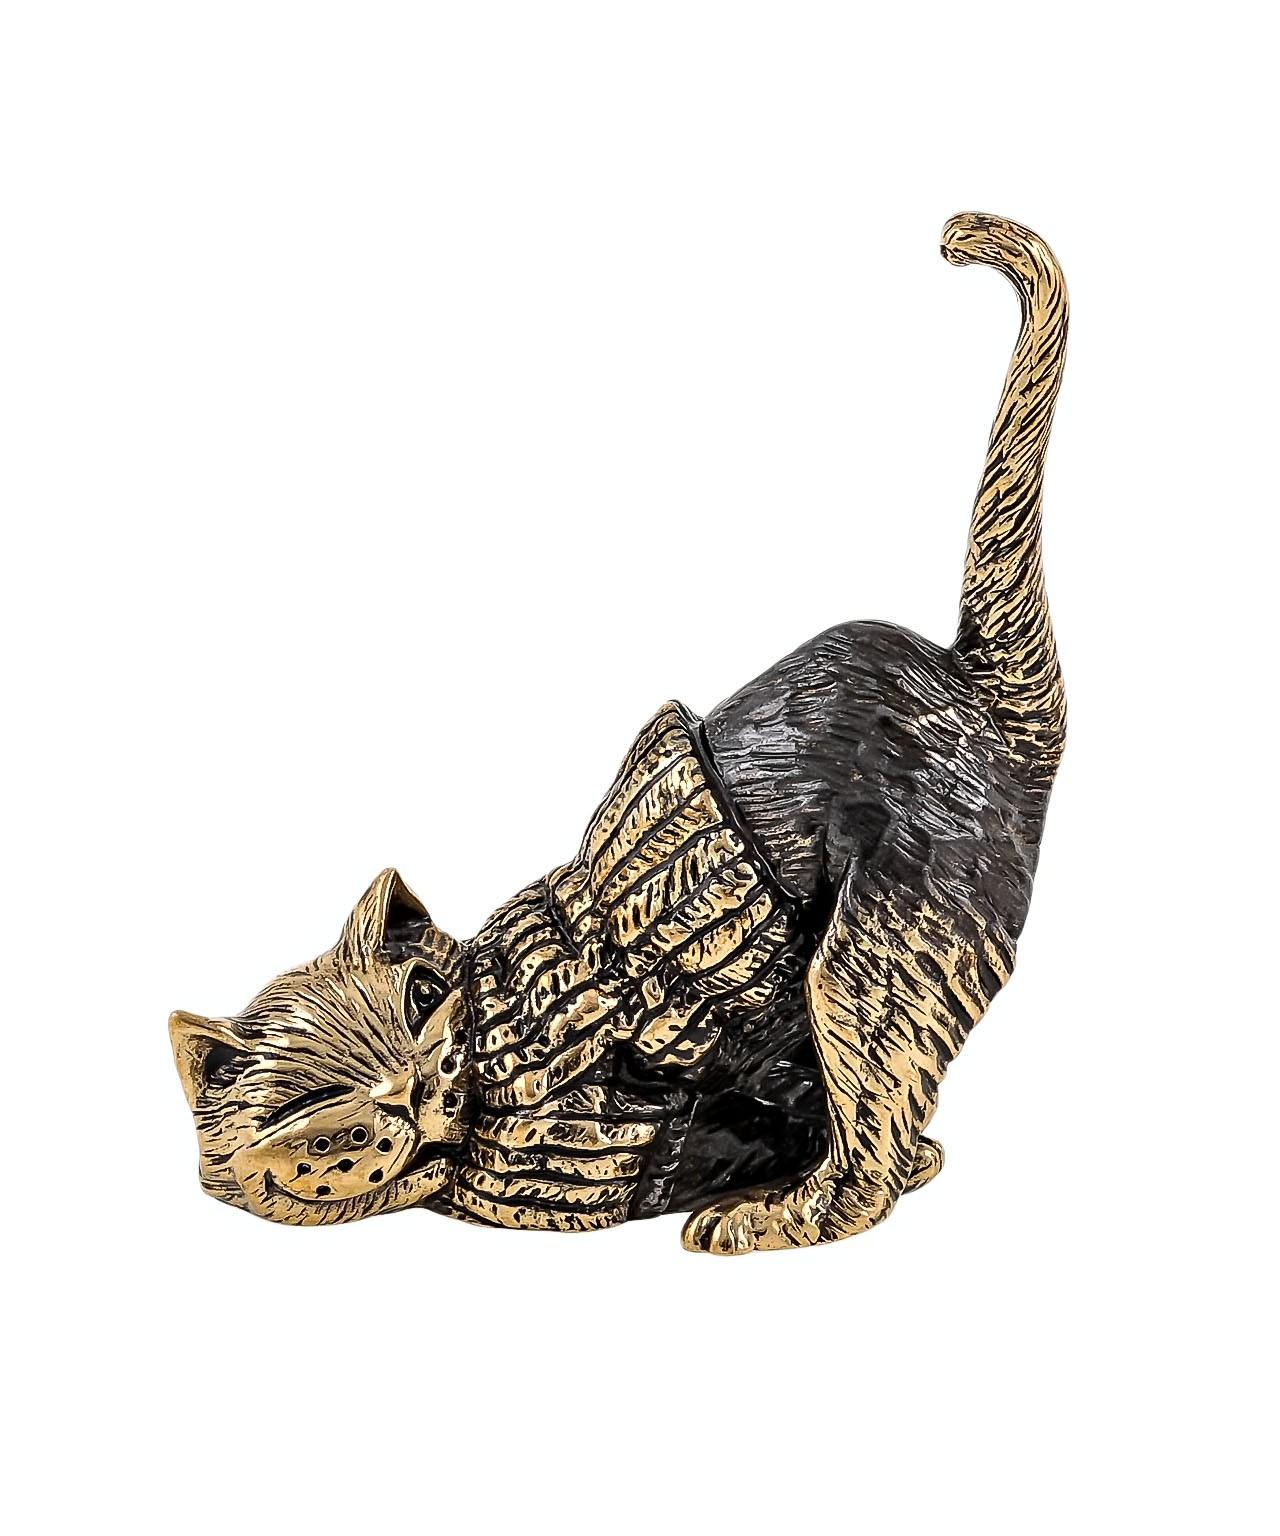 Кот В свитере ленится без подставки 1652.1